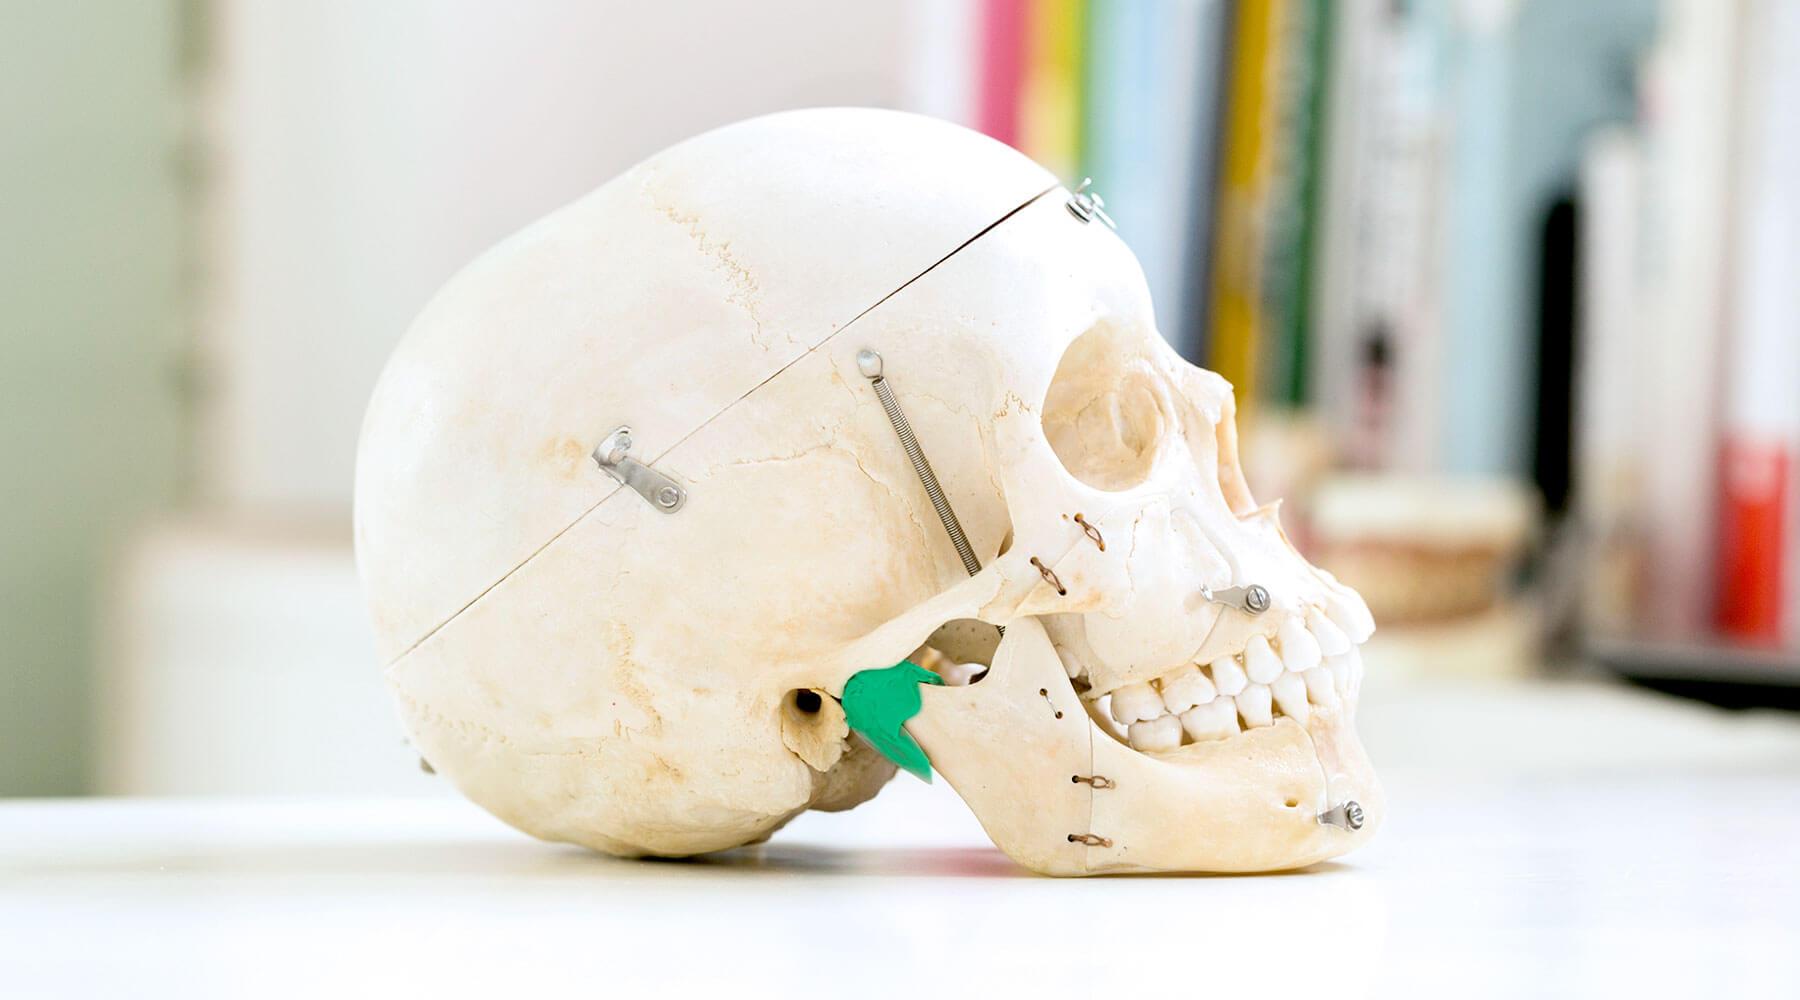 顎関節の位置を示した写真